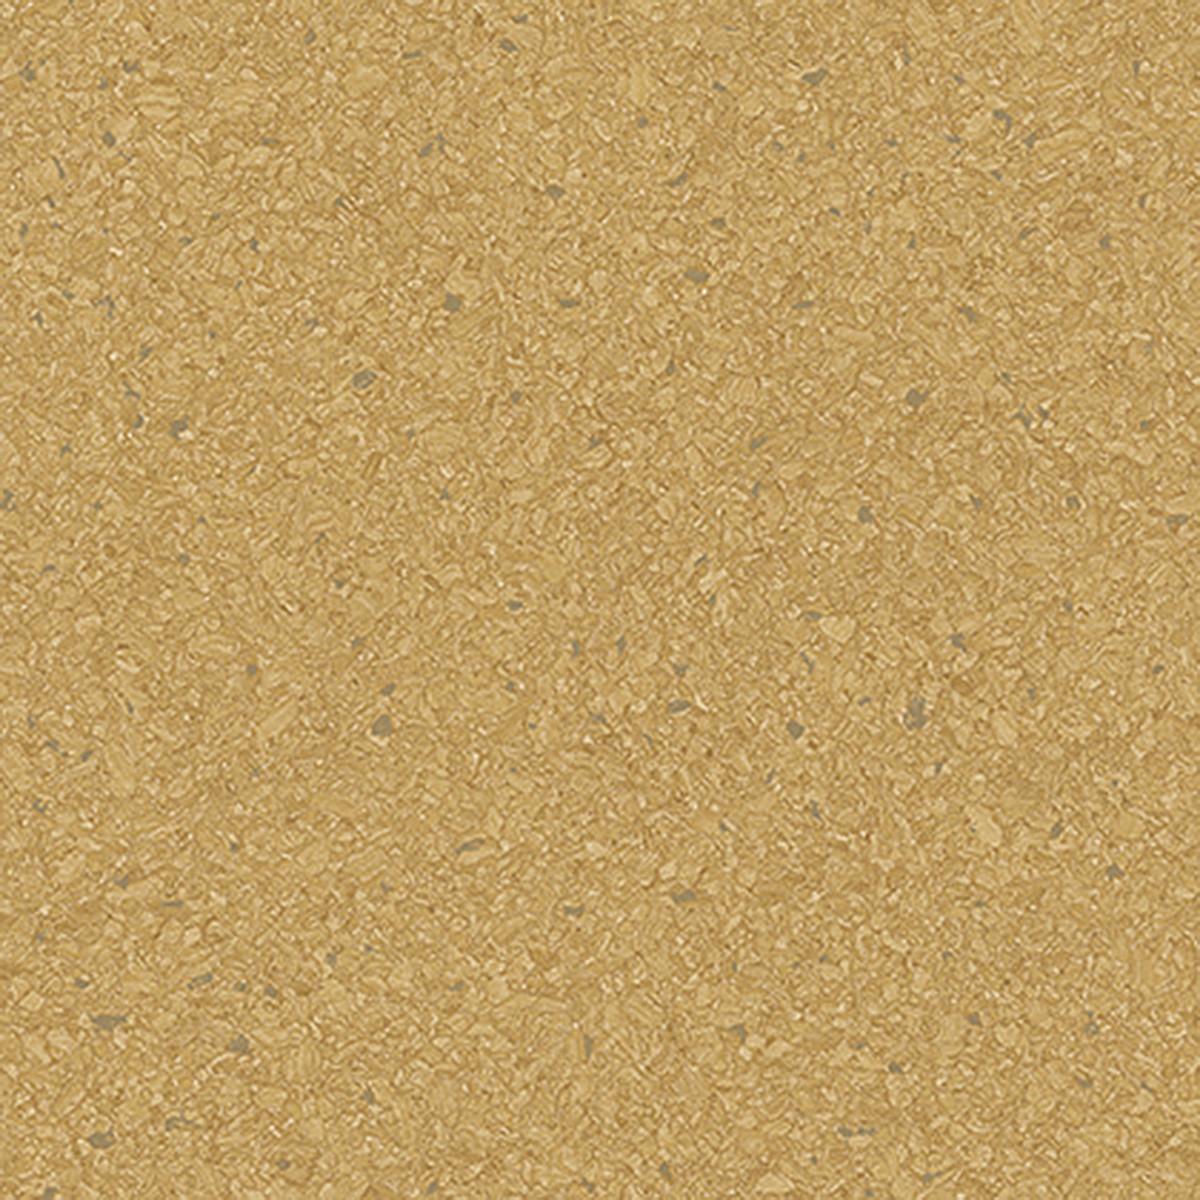 Обои виниловые Gaenari коричневые 1.06 м 81146-4